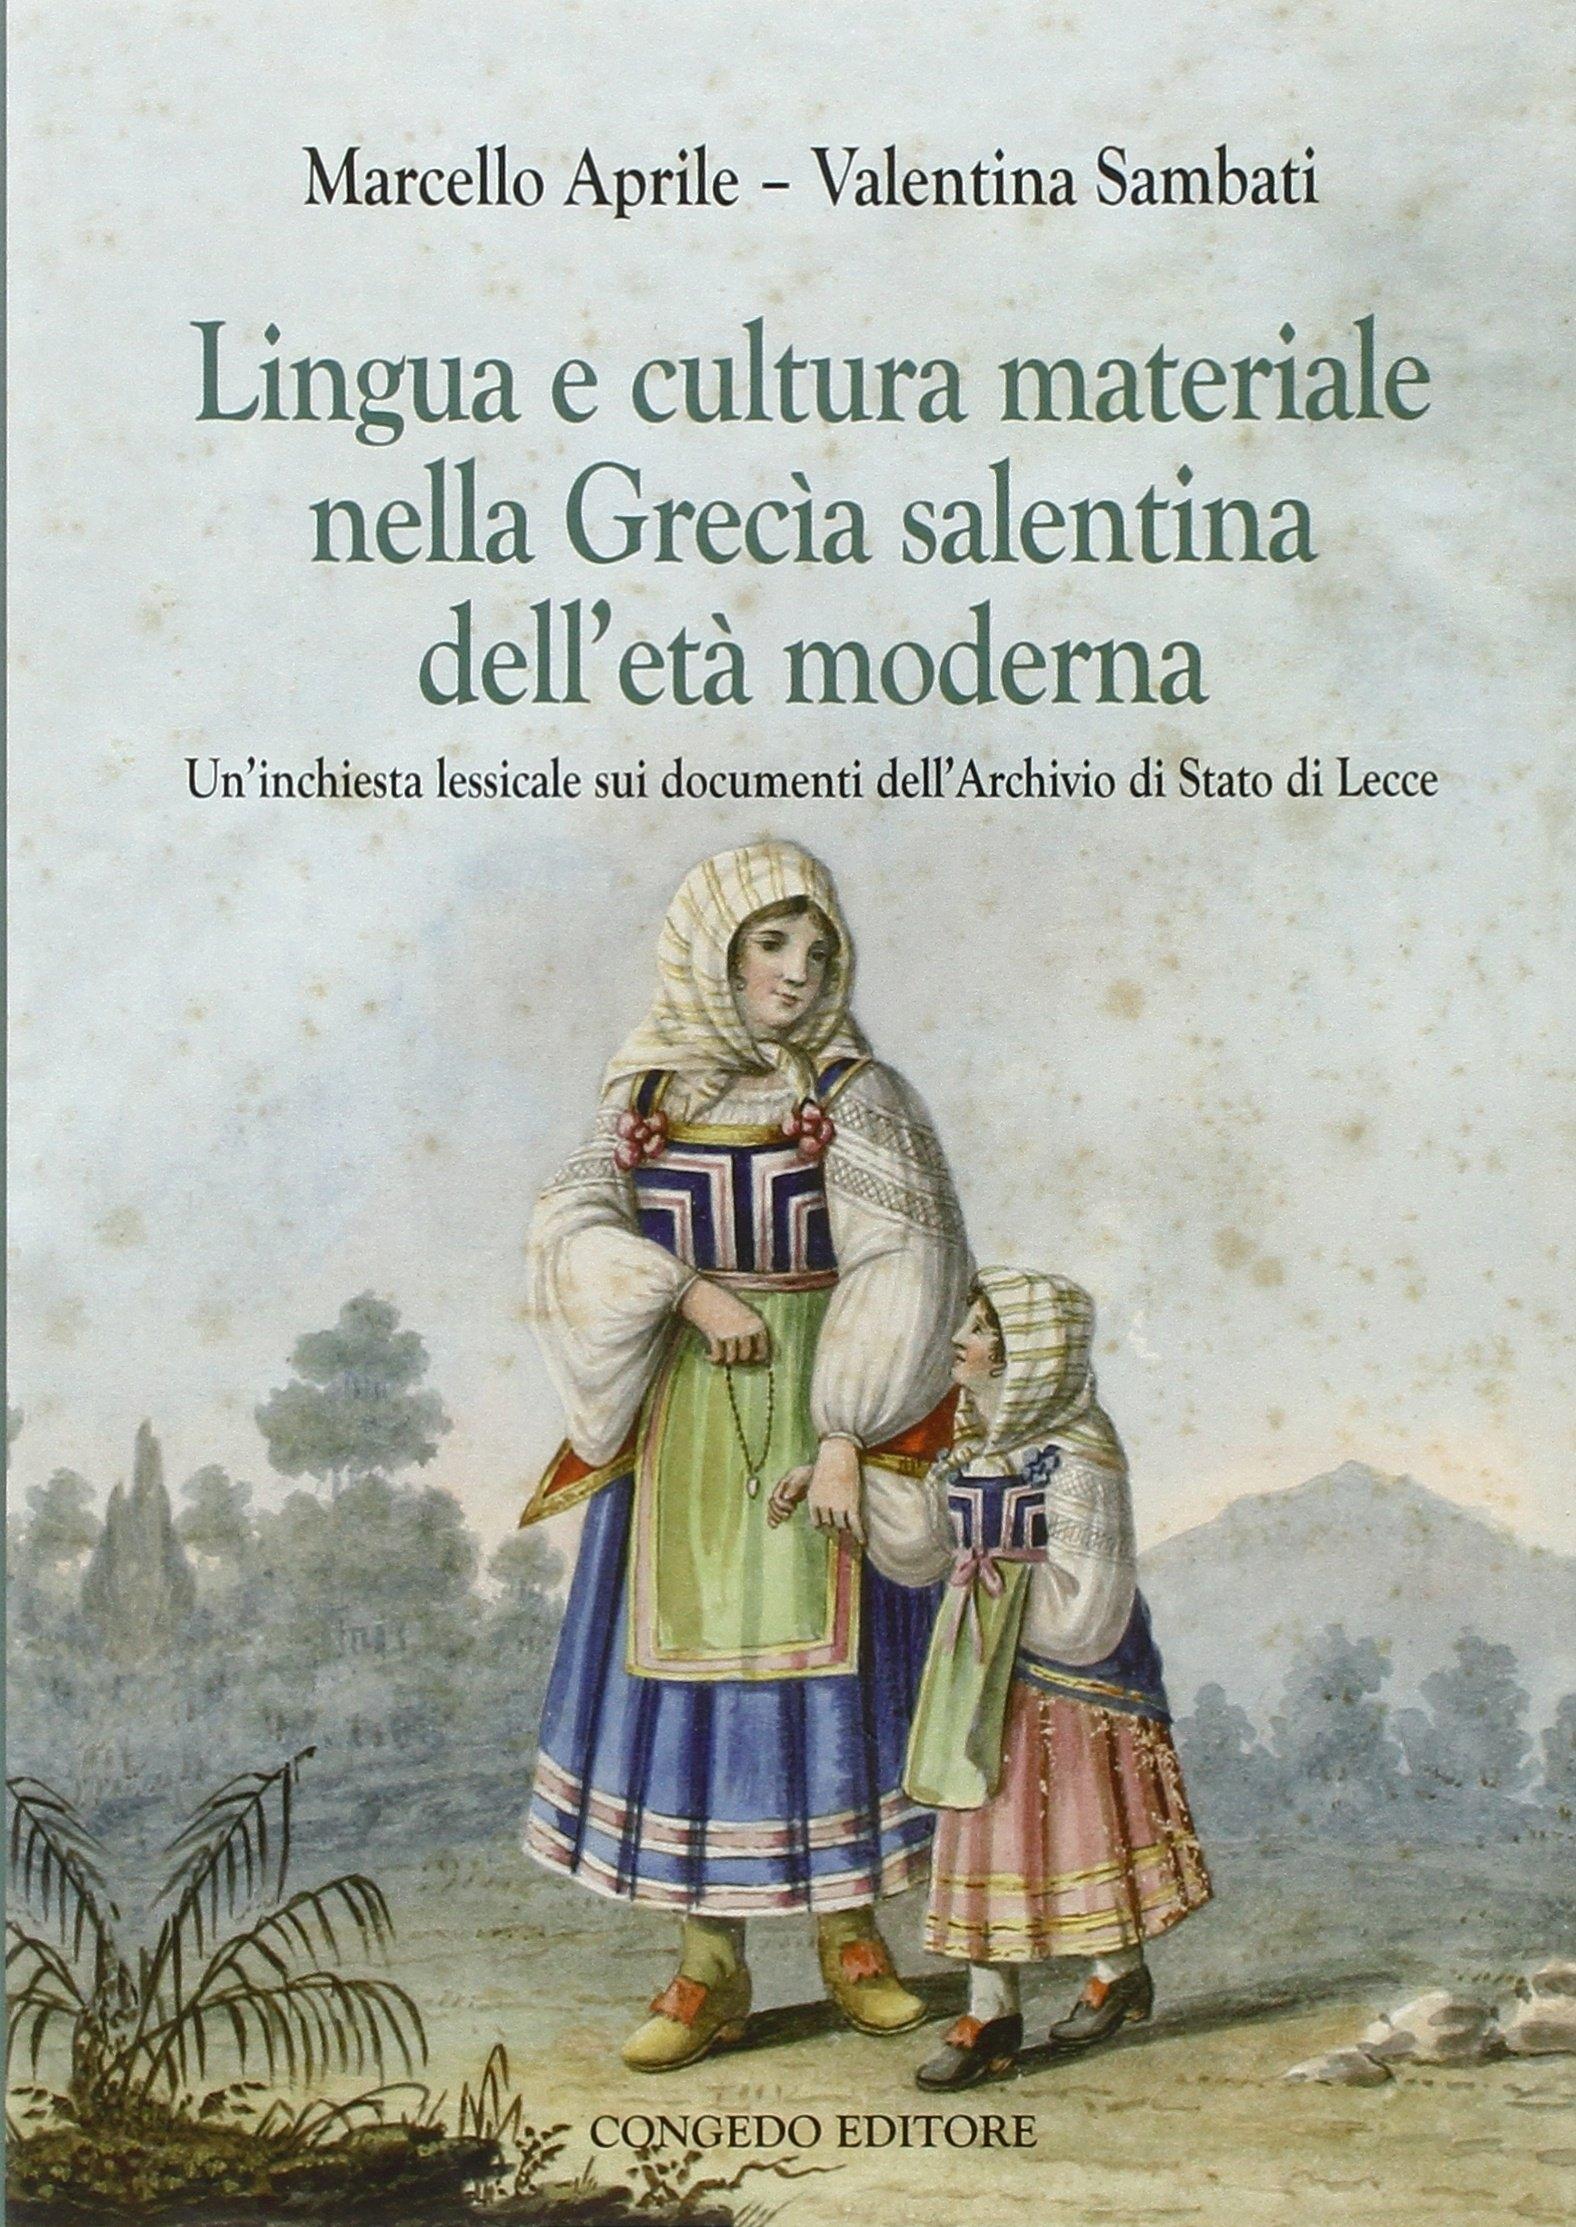 Lingua e cultura materiale nella Grecia salentina dell'età moderna. Un'inchiesta lessicale sui documenti dell'archivio di stato di Lecce.